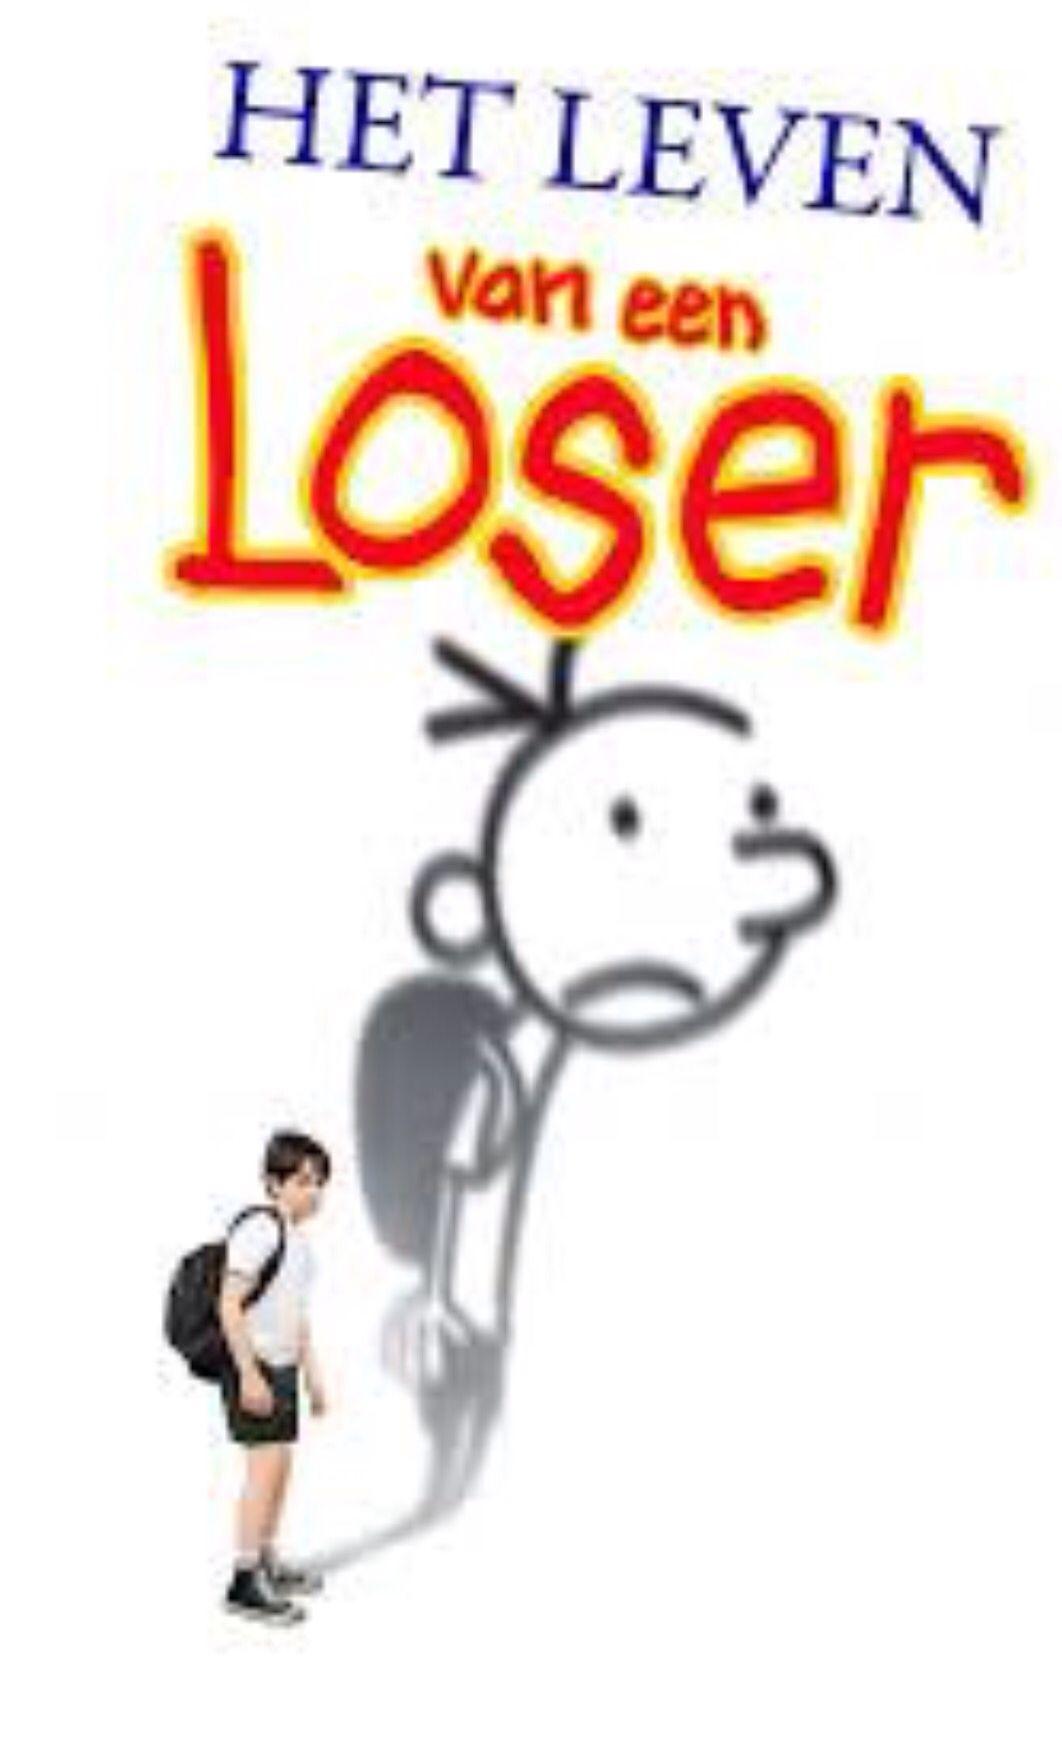 Dit Is De Hoofdpersoon In De Film En In Het Boek Fictional Characters Coloring Pages Loser